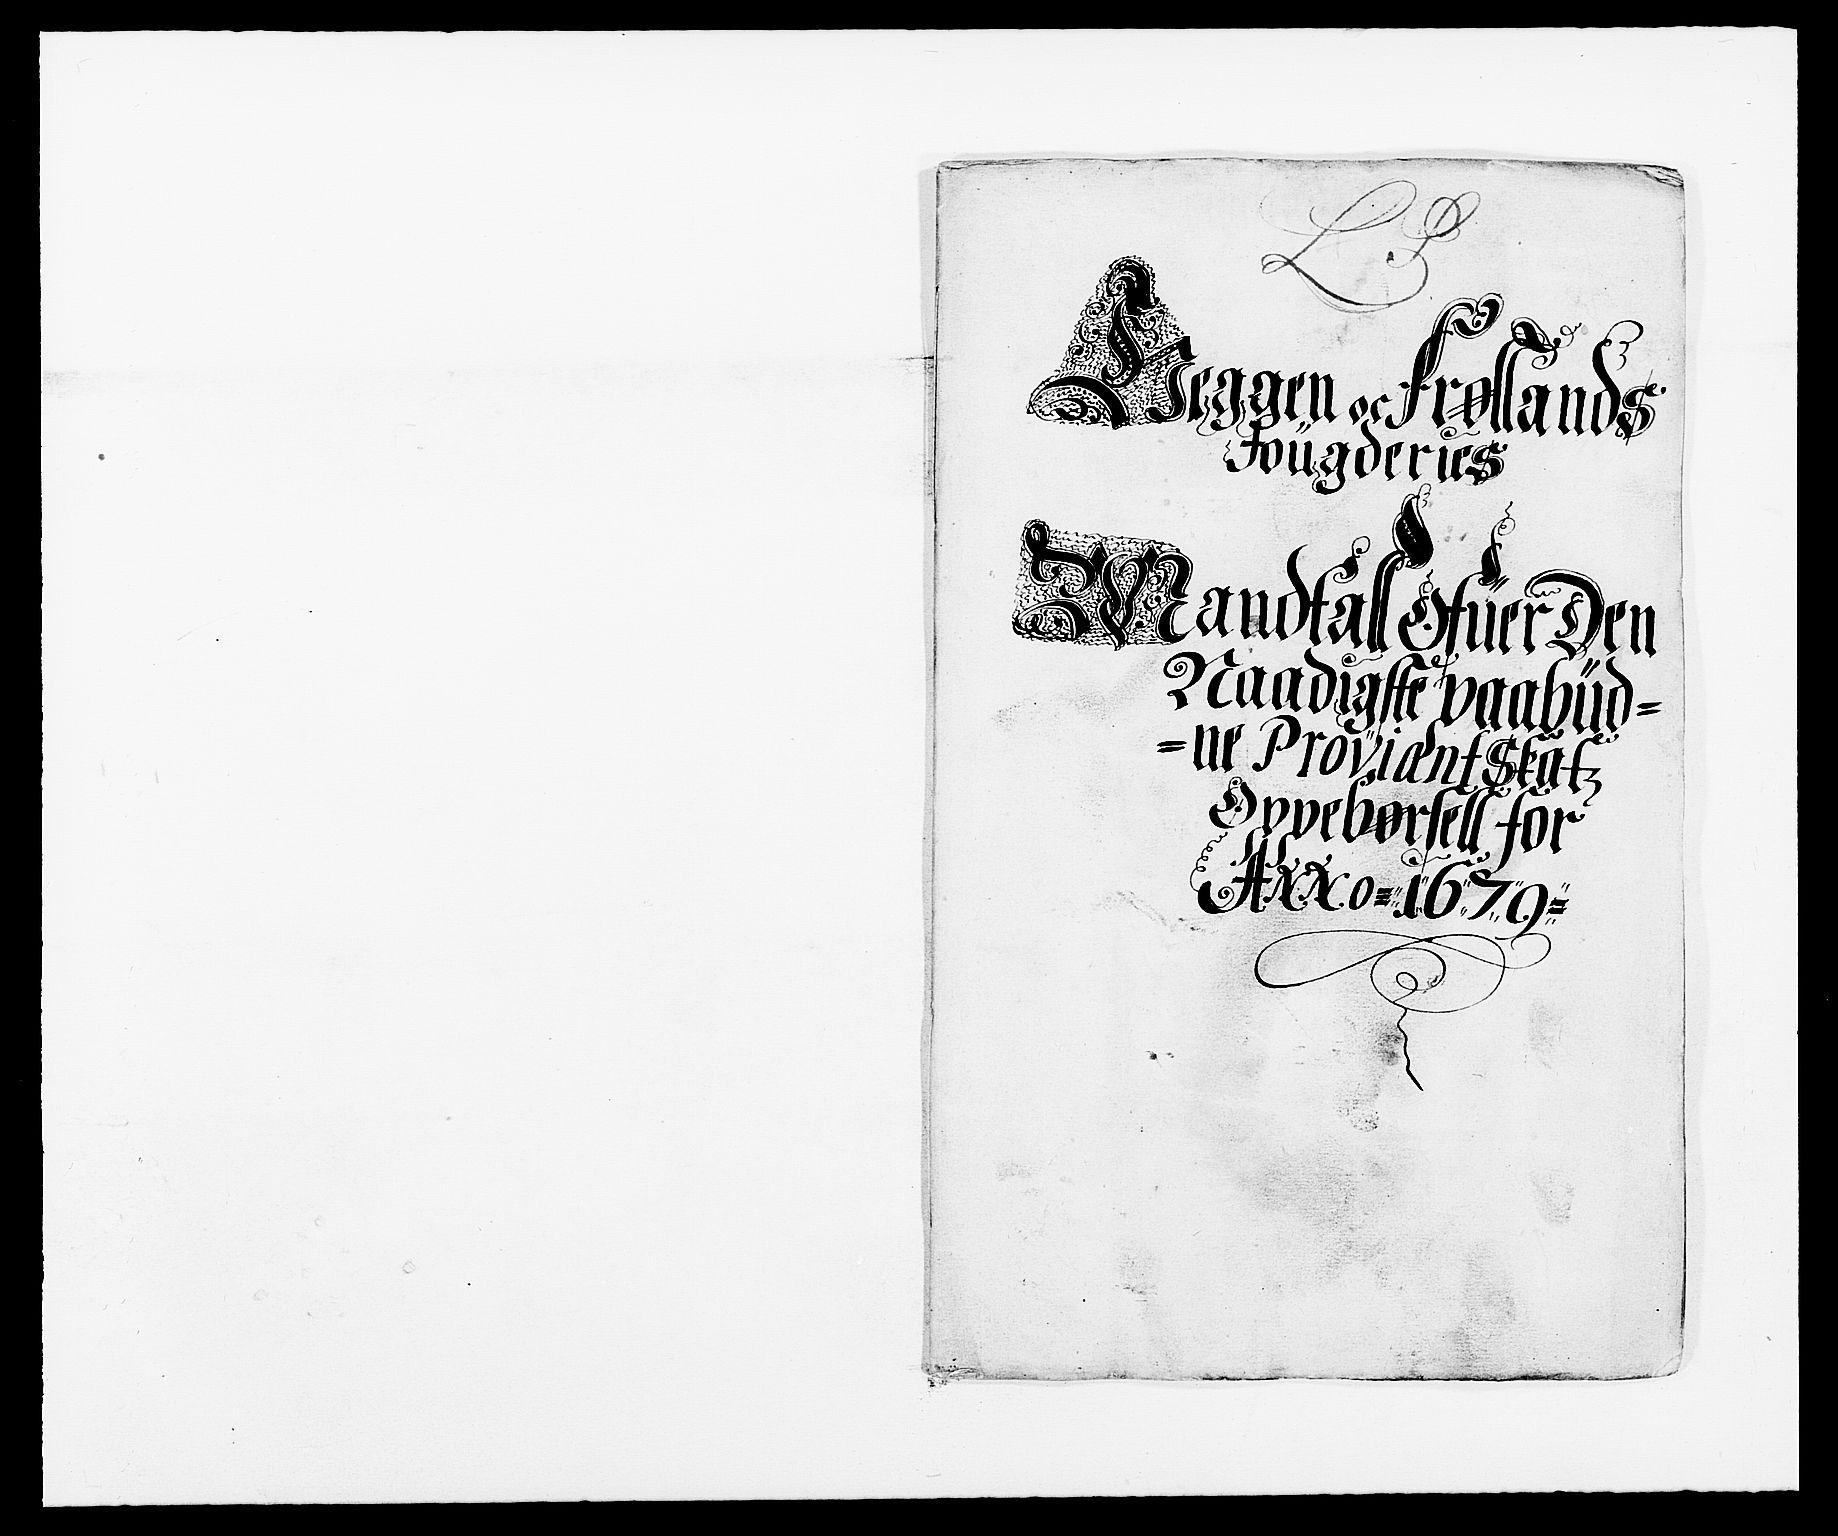 RA, Rentekammeret inntil 1814, Reviderte regnskaper, Fogderegnskap, R06/L0279: Fogderegnskap Heggen og Frøland, 1678-1680, s. 323